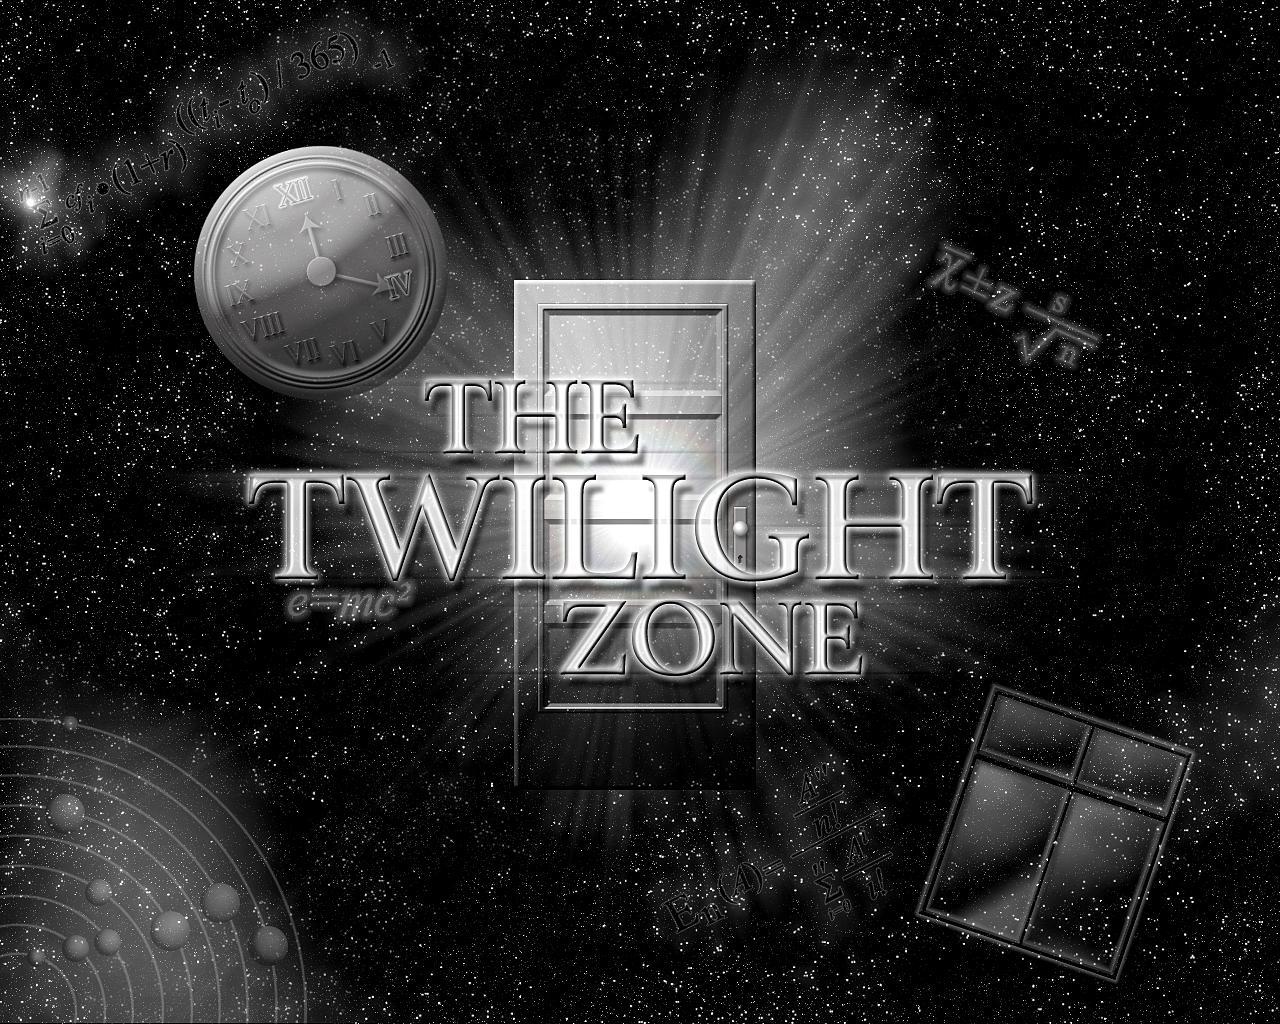 Twilight-Zone-55848504350